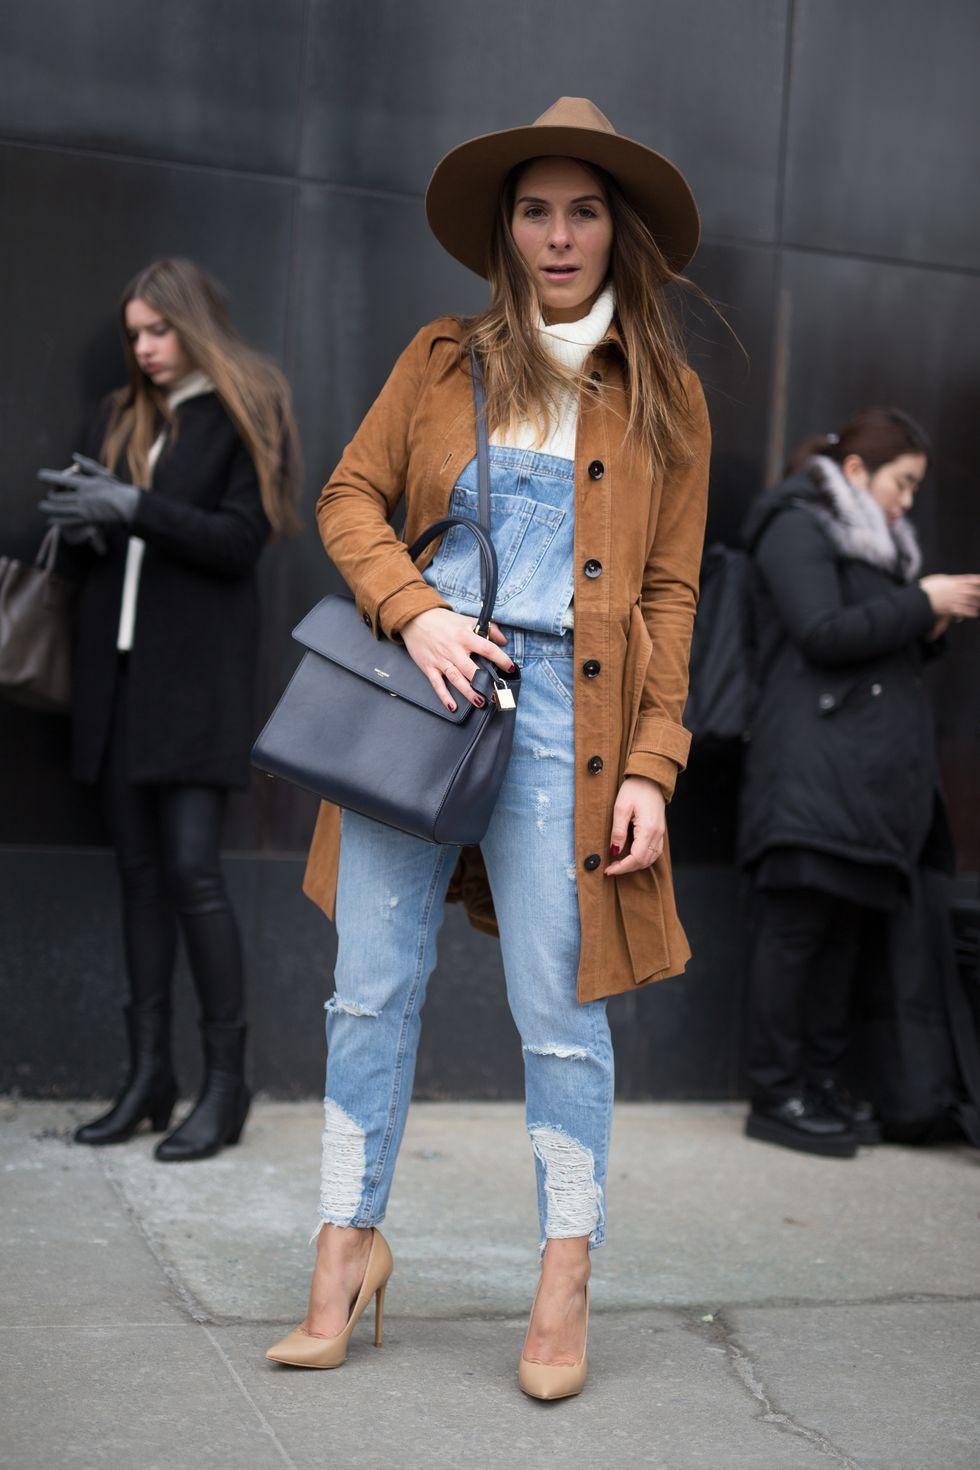 Cũng giống như bạn có thể mặc một chiếc quần jean bó gót yêu thích của mình, bạn có thể tạo kiểu giày cao gót với quần yếm denim. Đây là một cách dễ dàng để tôn lên vẻ ngoài của bạn và tự tin hơn khi diện đồ một mảnh. Bạn không còn là một đứa trẻ nữa!